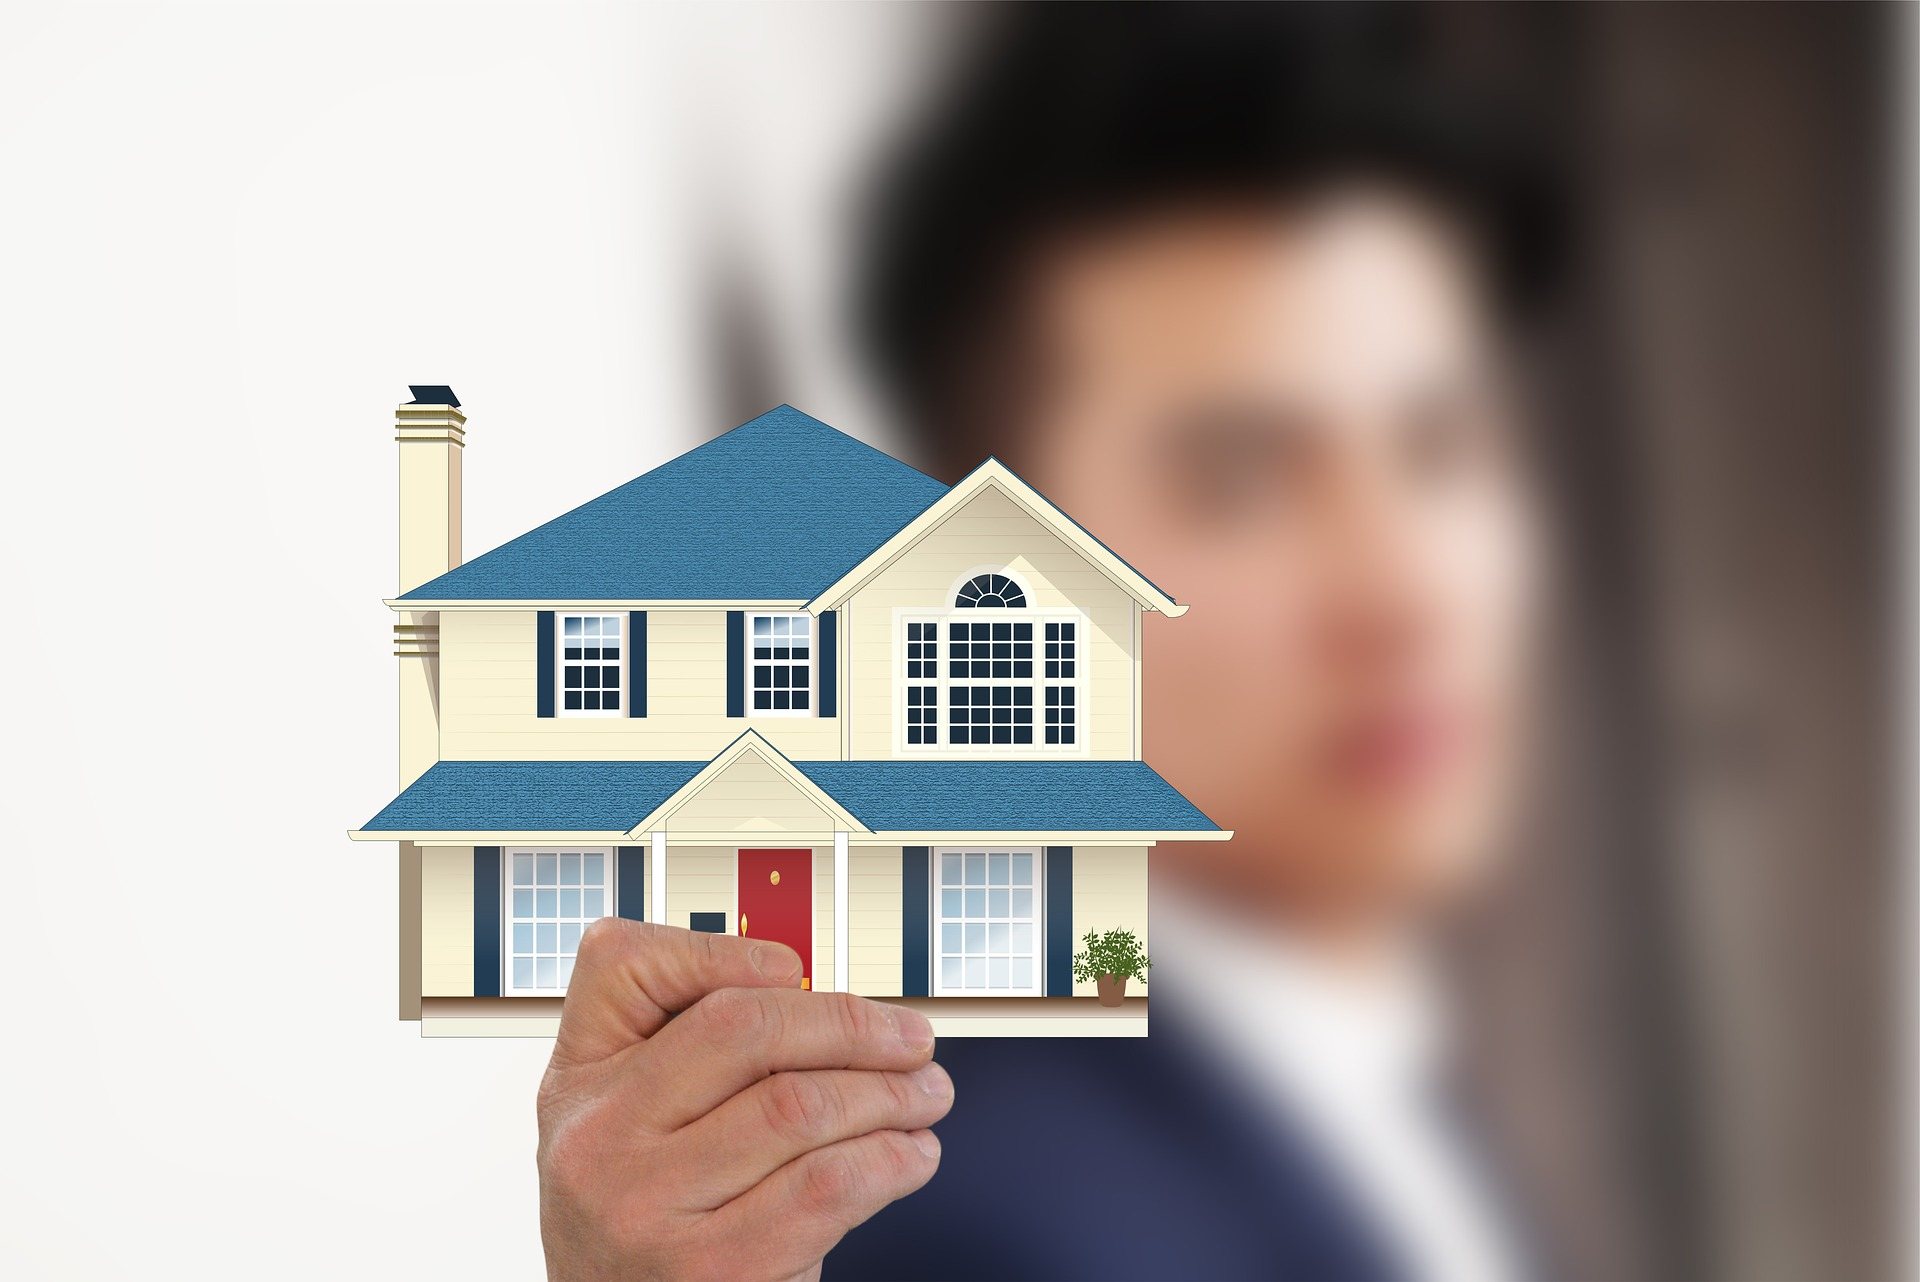 👉Ecco perchè decine di acquirenti NON comprano casa ogni giorno